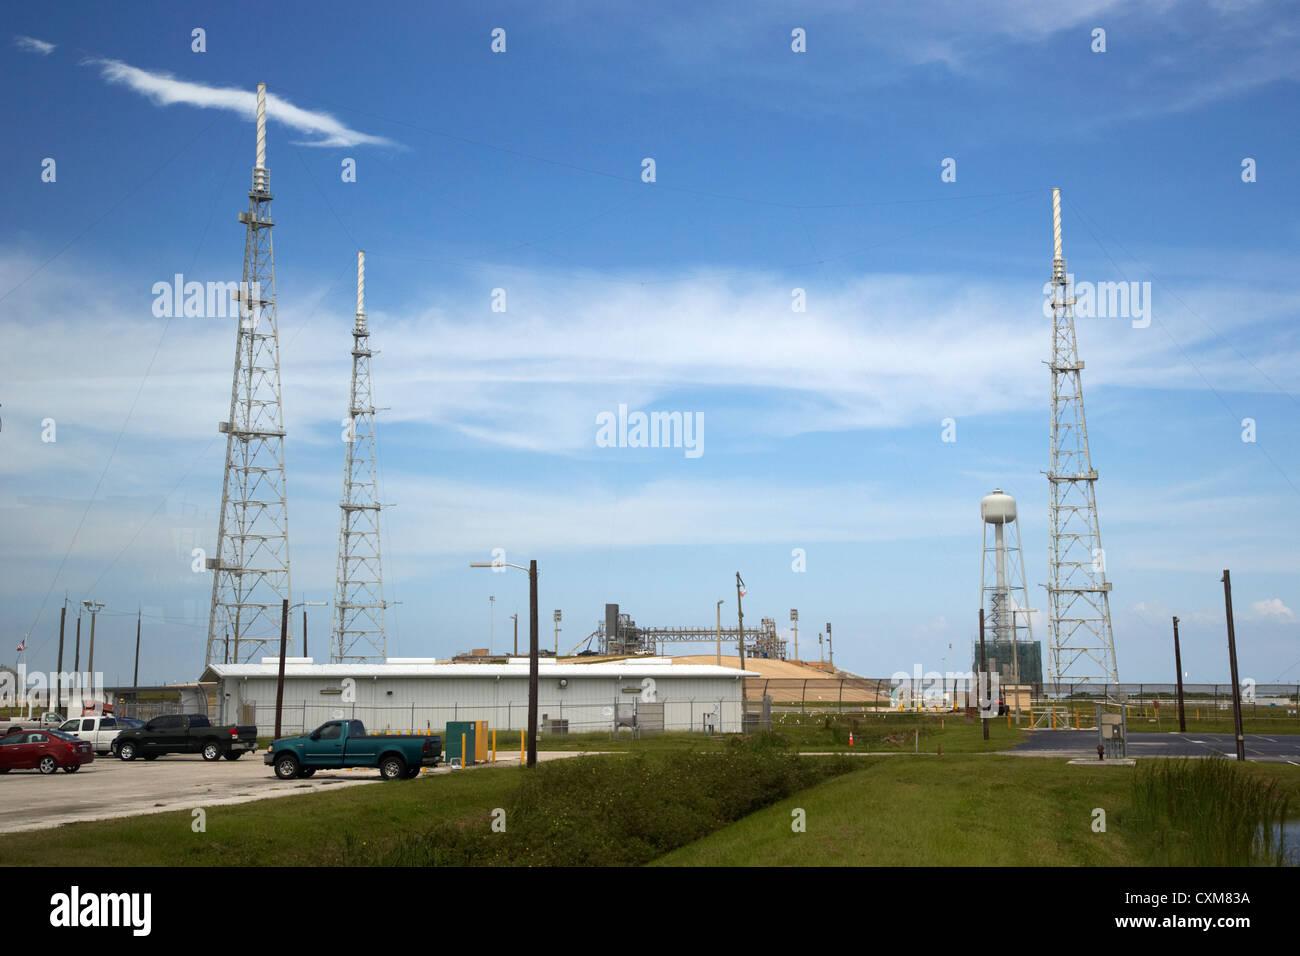 Almohadilla de complejo de lanzamiento 39B con pararrayos en el Centro Espacial Kennedy, Florida, EE.UU. Imagen De Stock